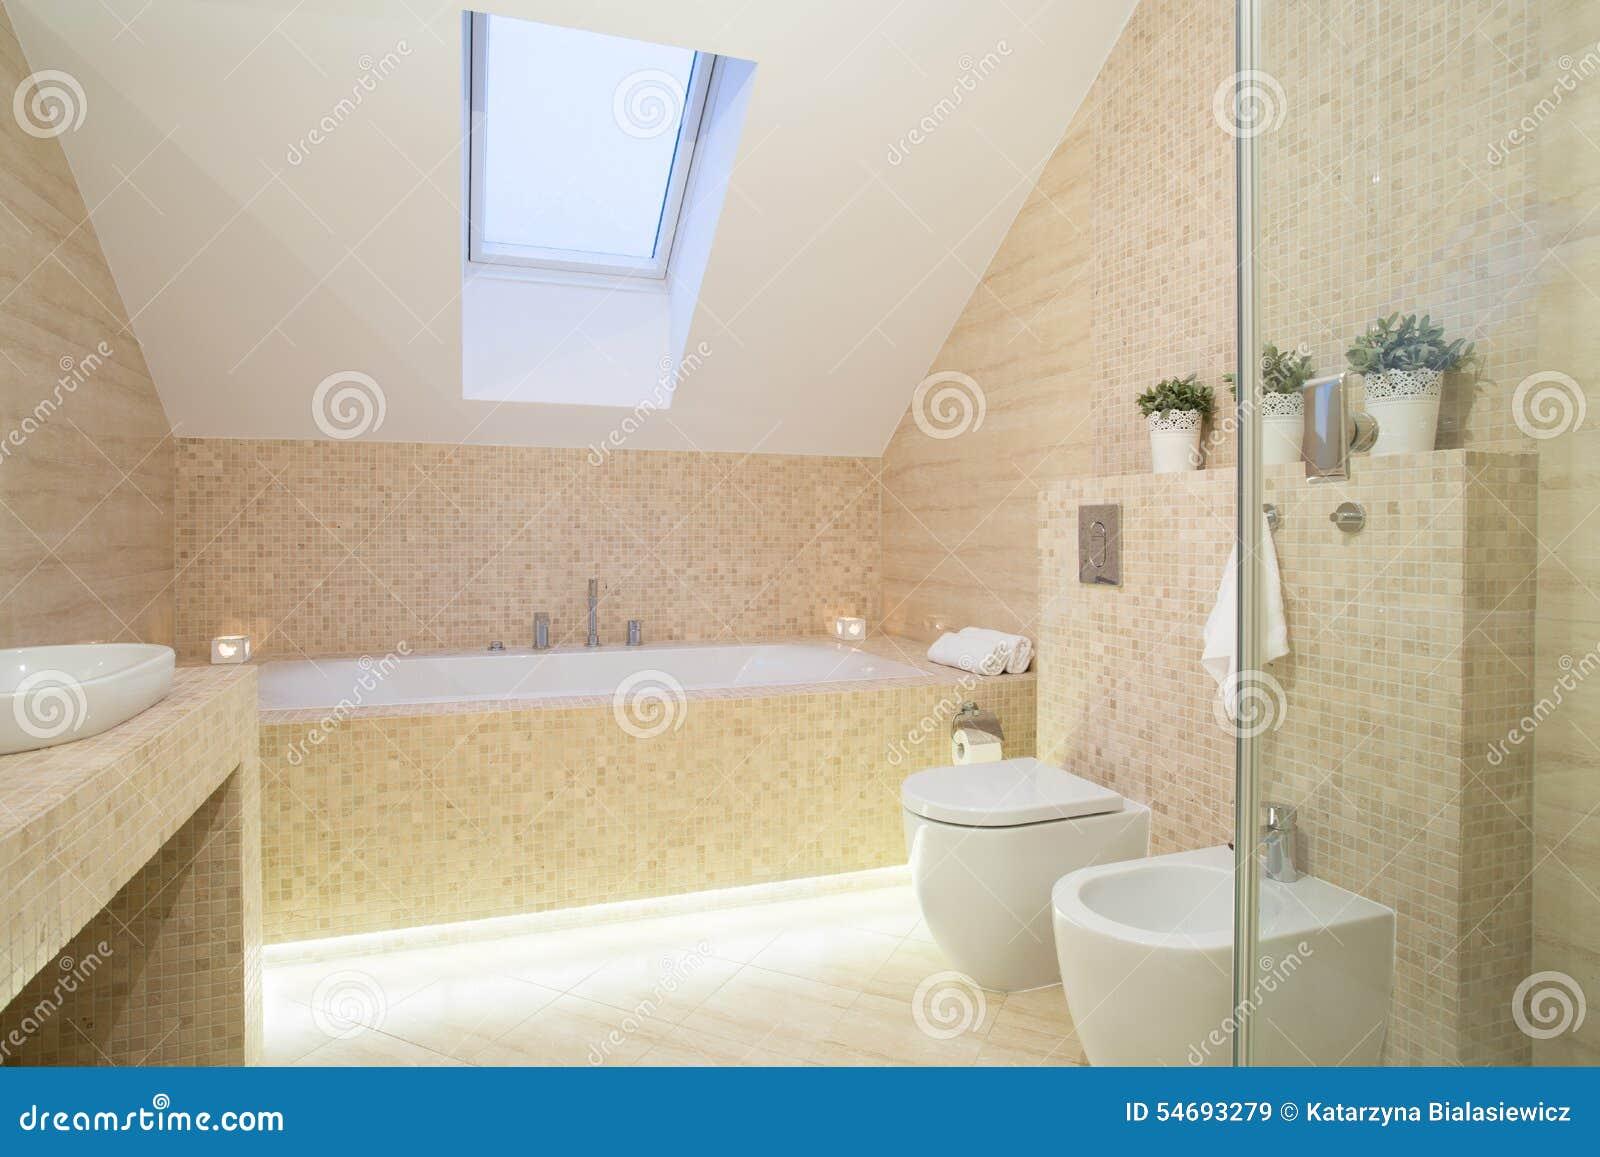 Bright exclusive bathroom